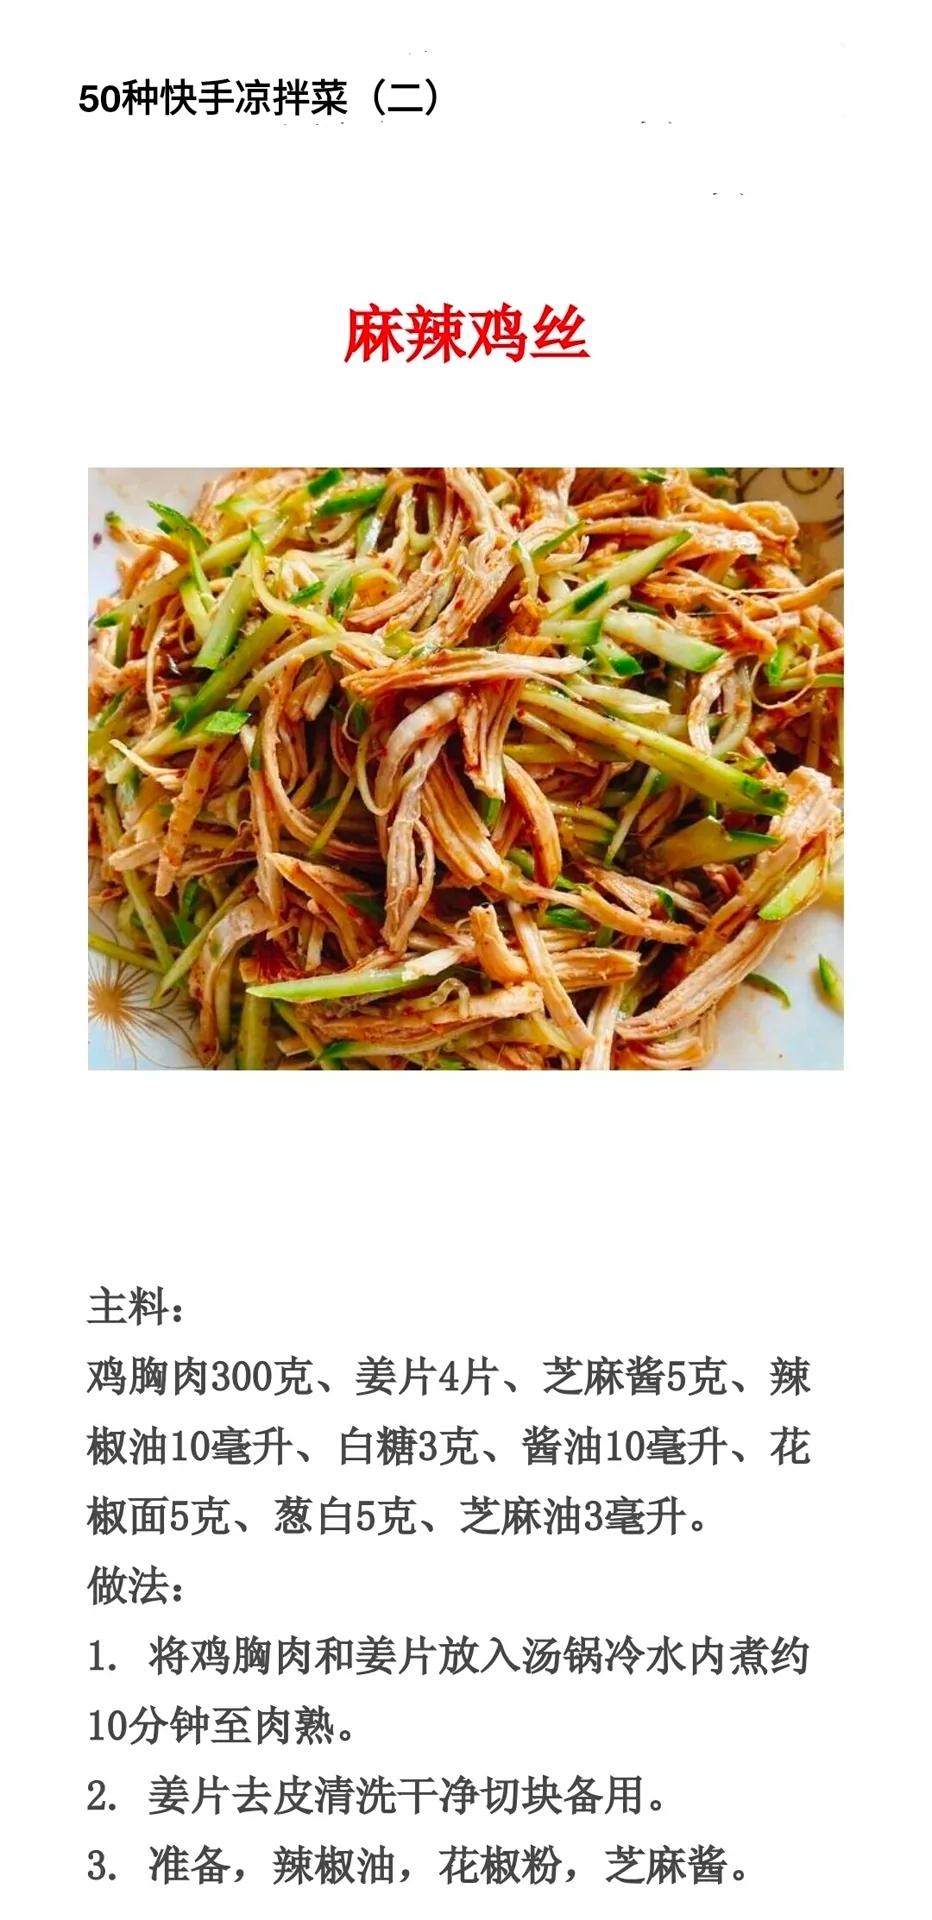 凉菜菜谱家常做法 美食做法 第2张